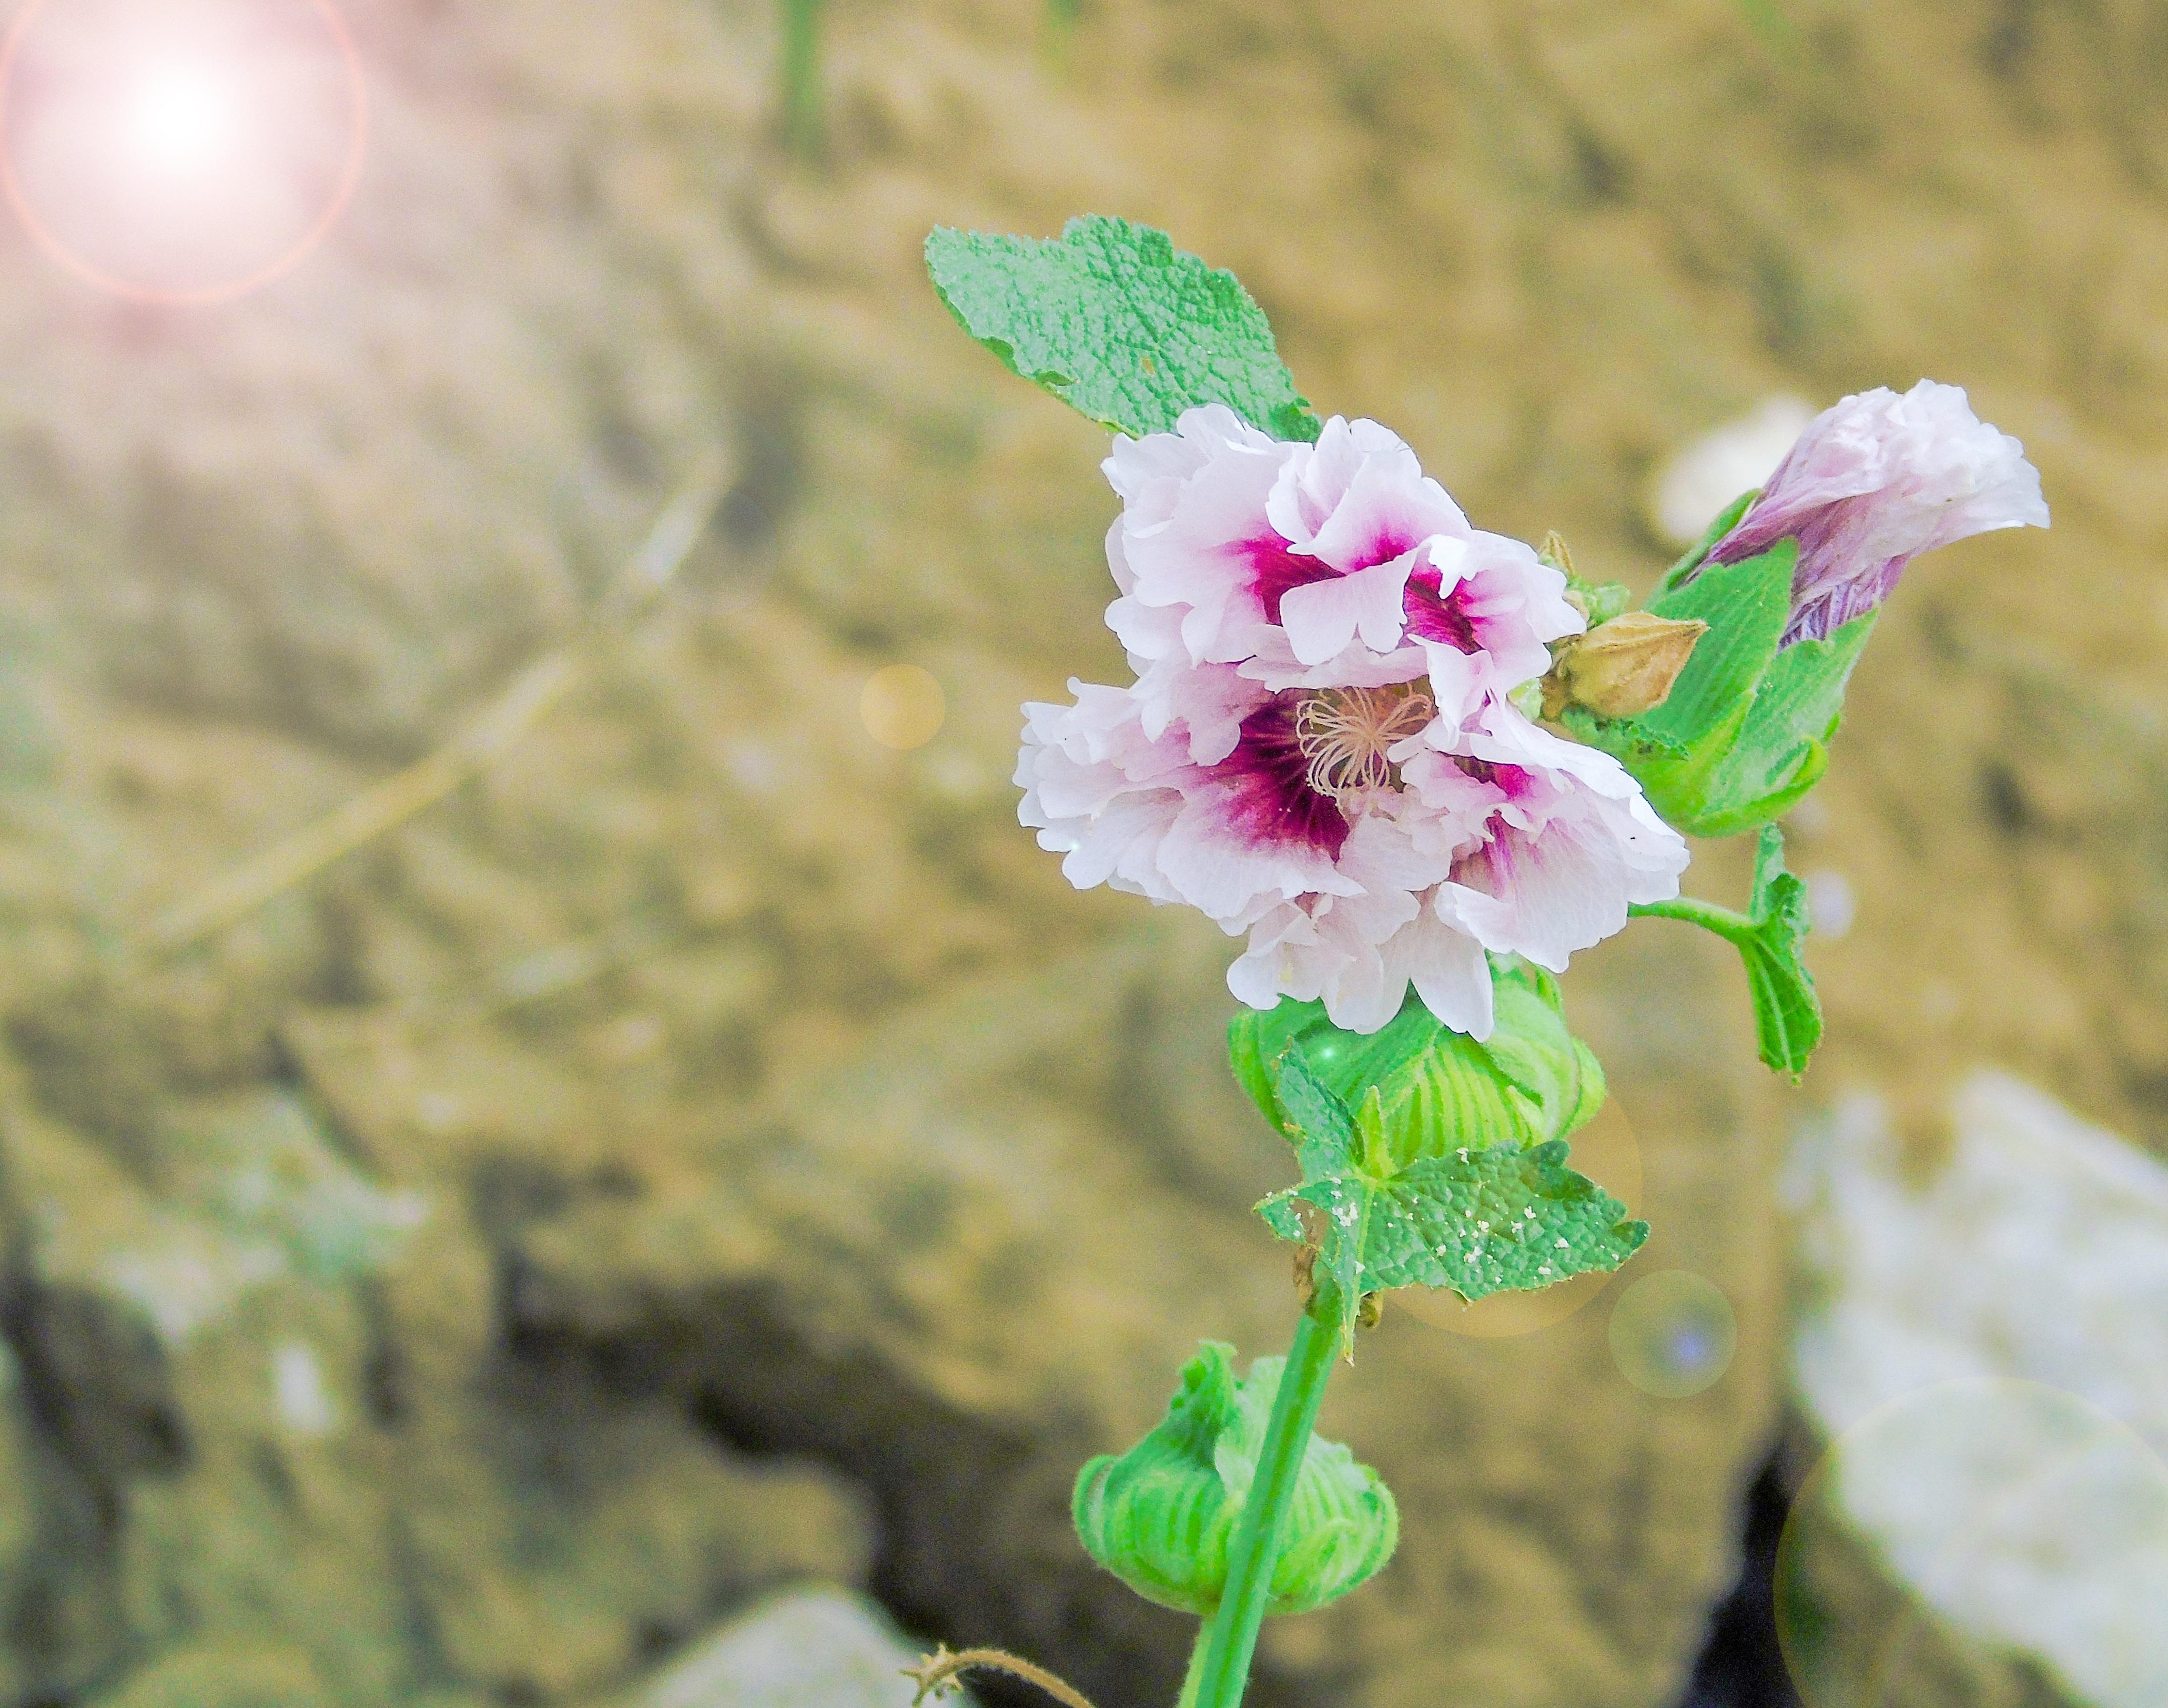 Fiori Selvatici Bianchi.Immagini Belle Natura Fiorire Foglia Fiore Petalo Da Solo